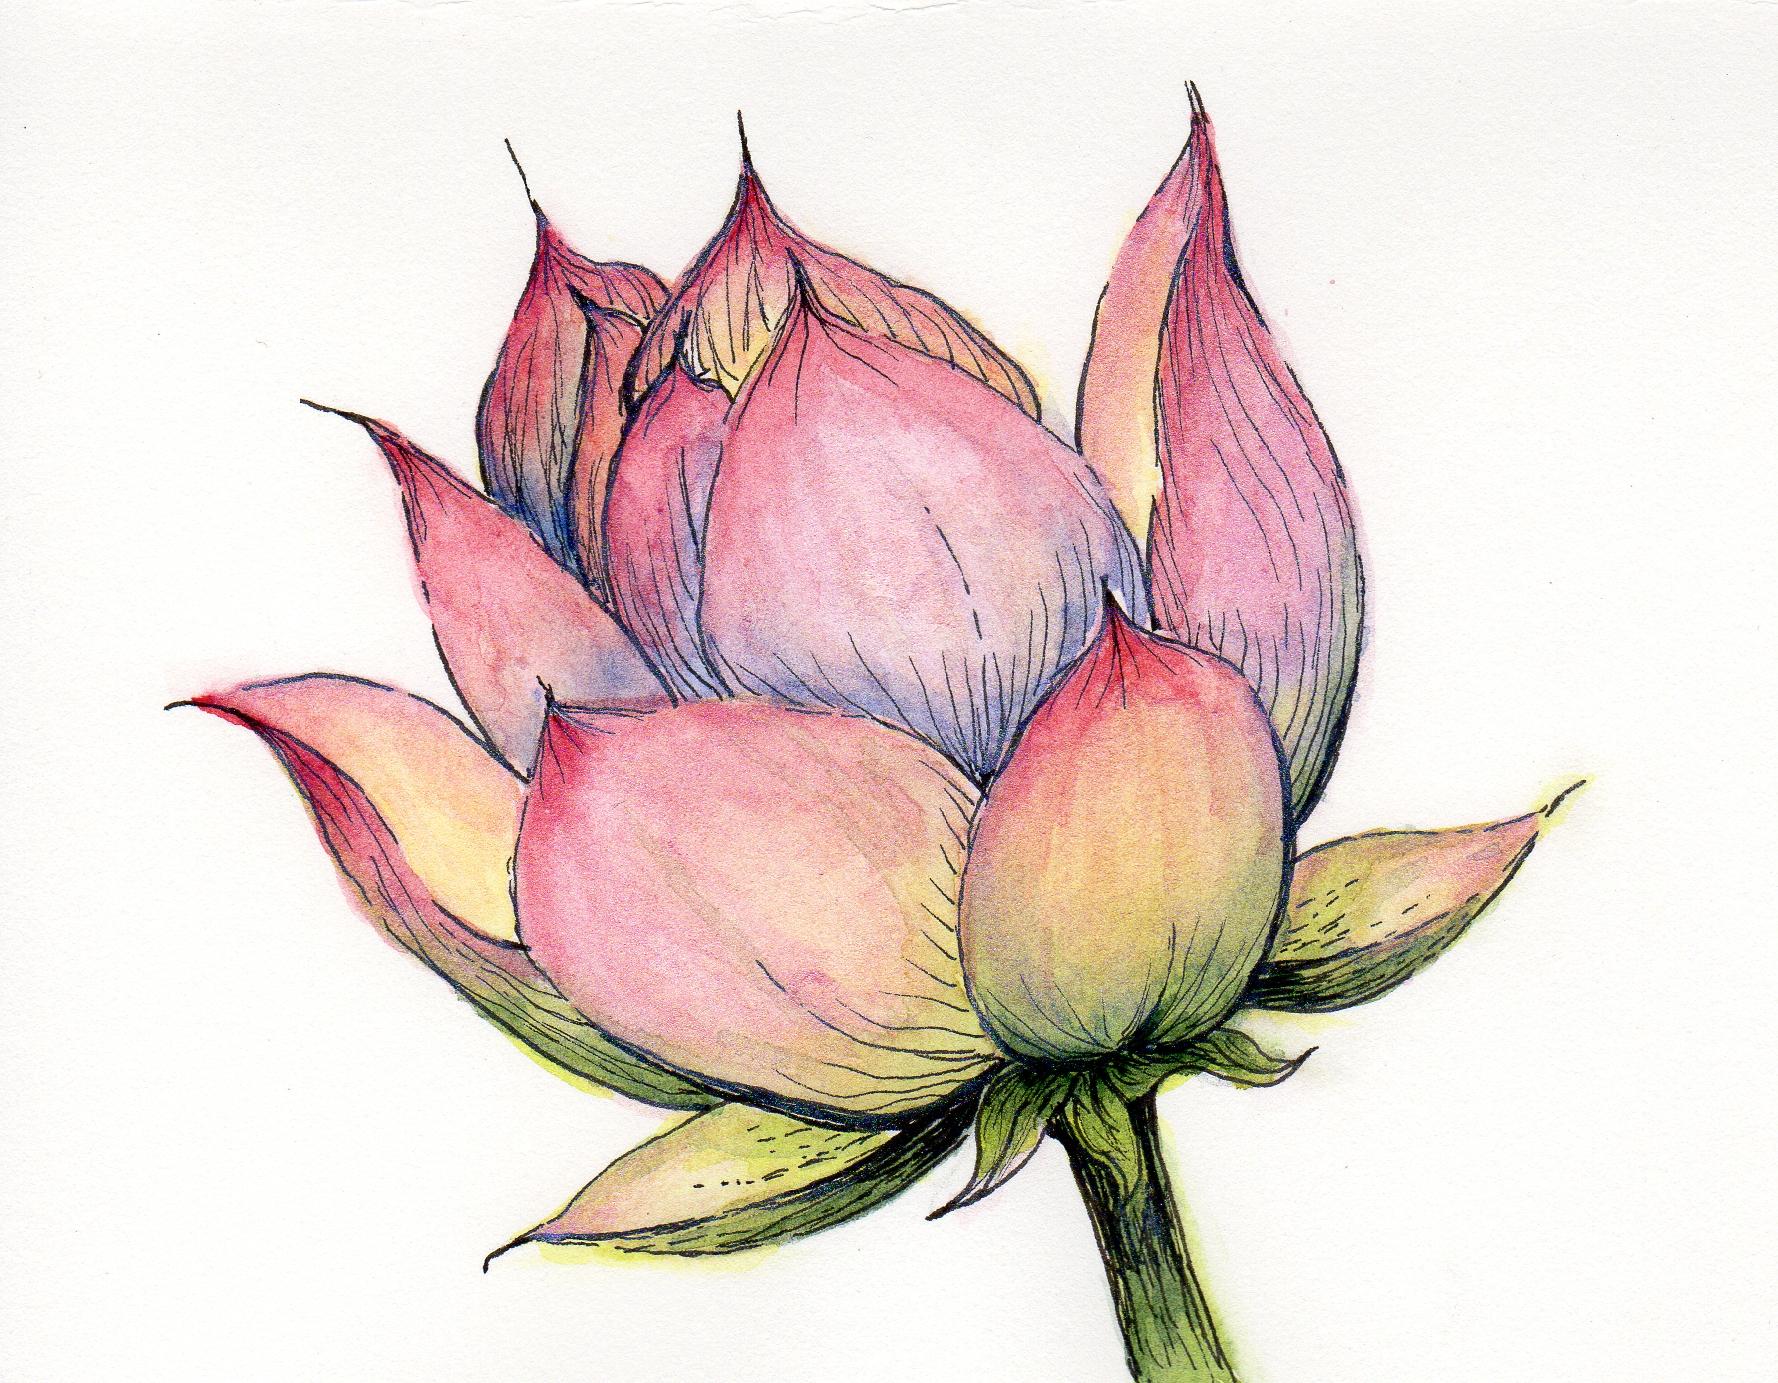 Pink Lotus Art by Liz Oertel